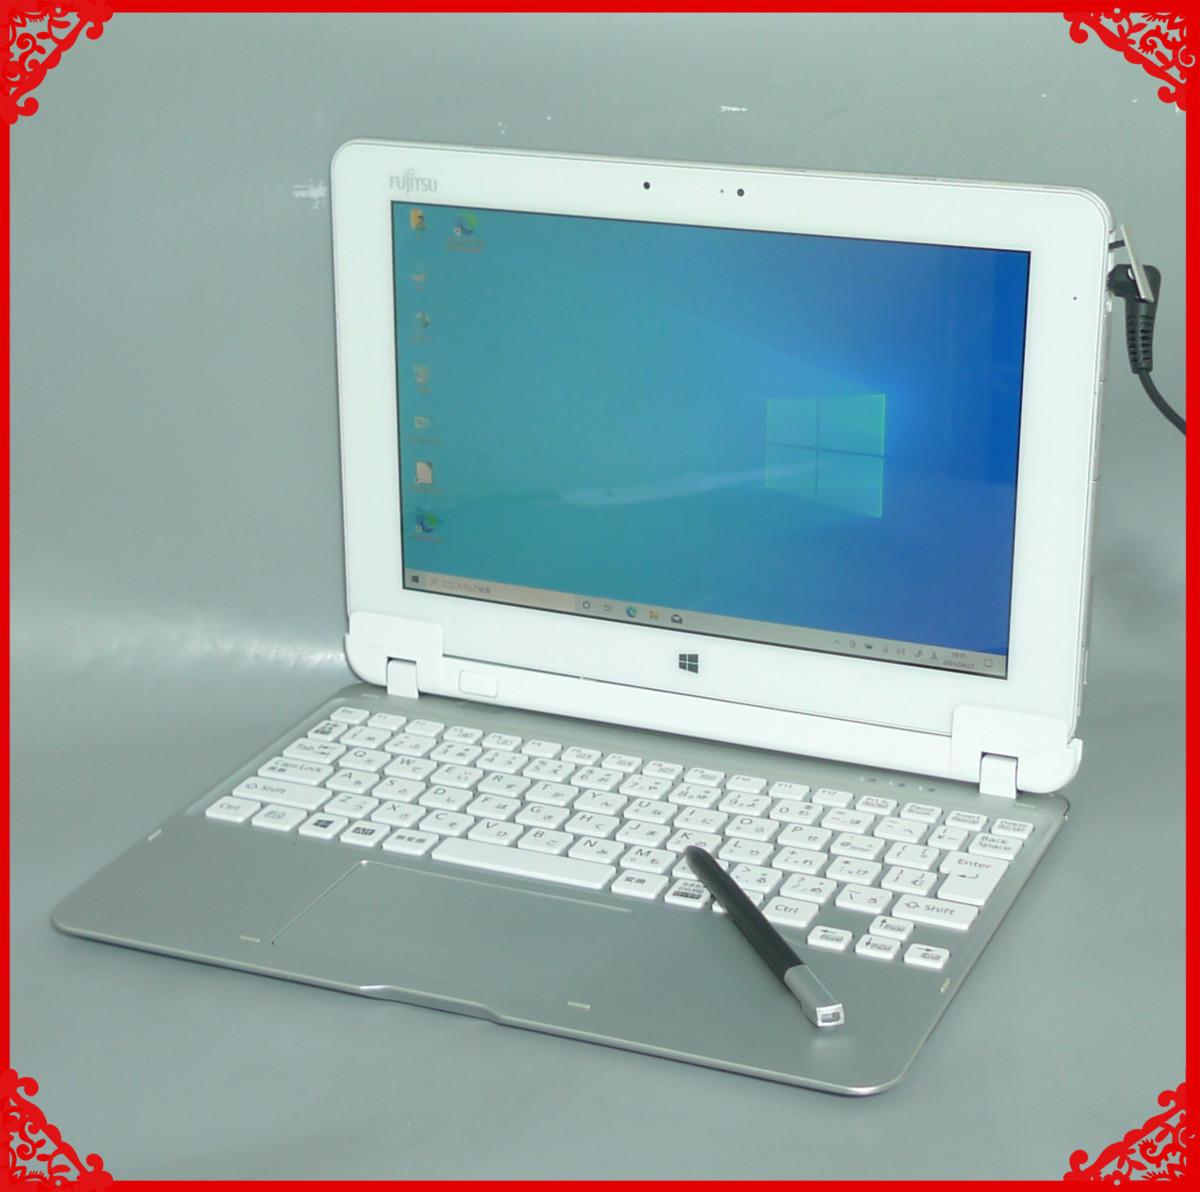 1円~ 高速eMMC64GB 1台限定 中古良品 タブレット 10.1型 Fujitsu Q584/H Atom 4GB 無線 webカメラ Bluetooth Windows10 LibreOffice